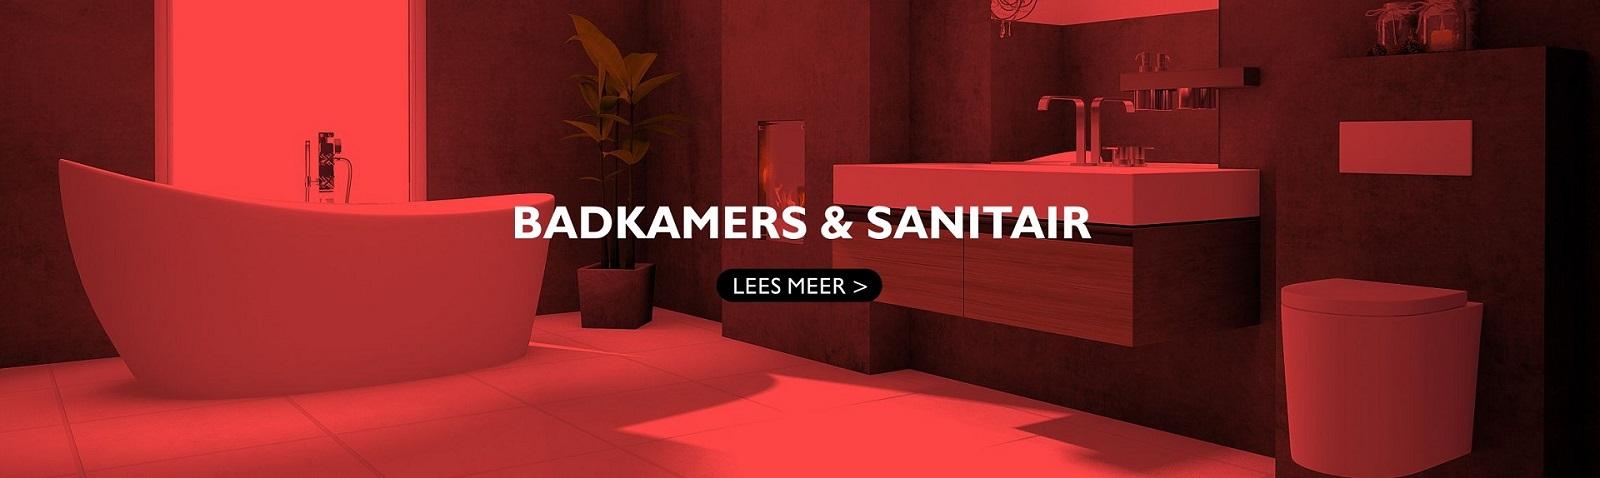 Badkamers en Sanitair